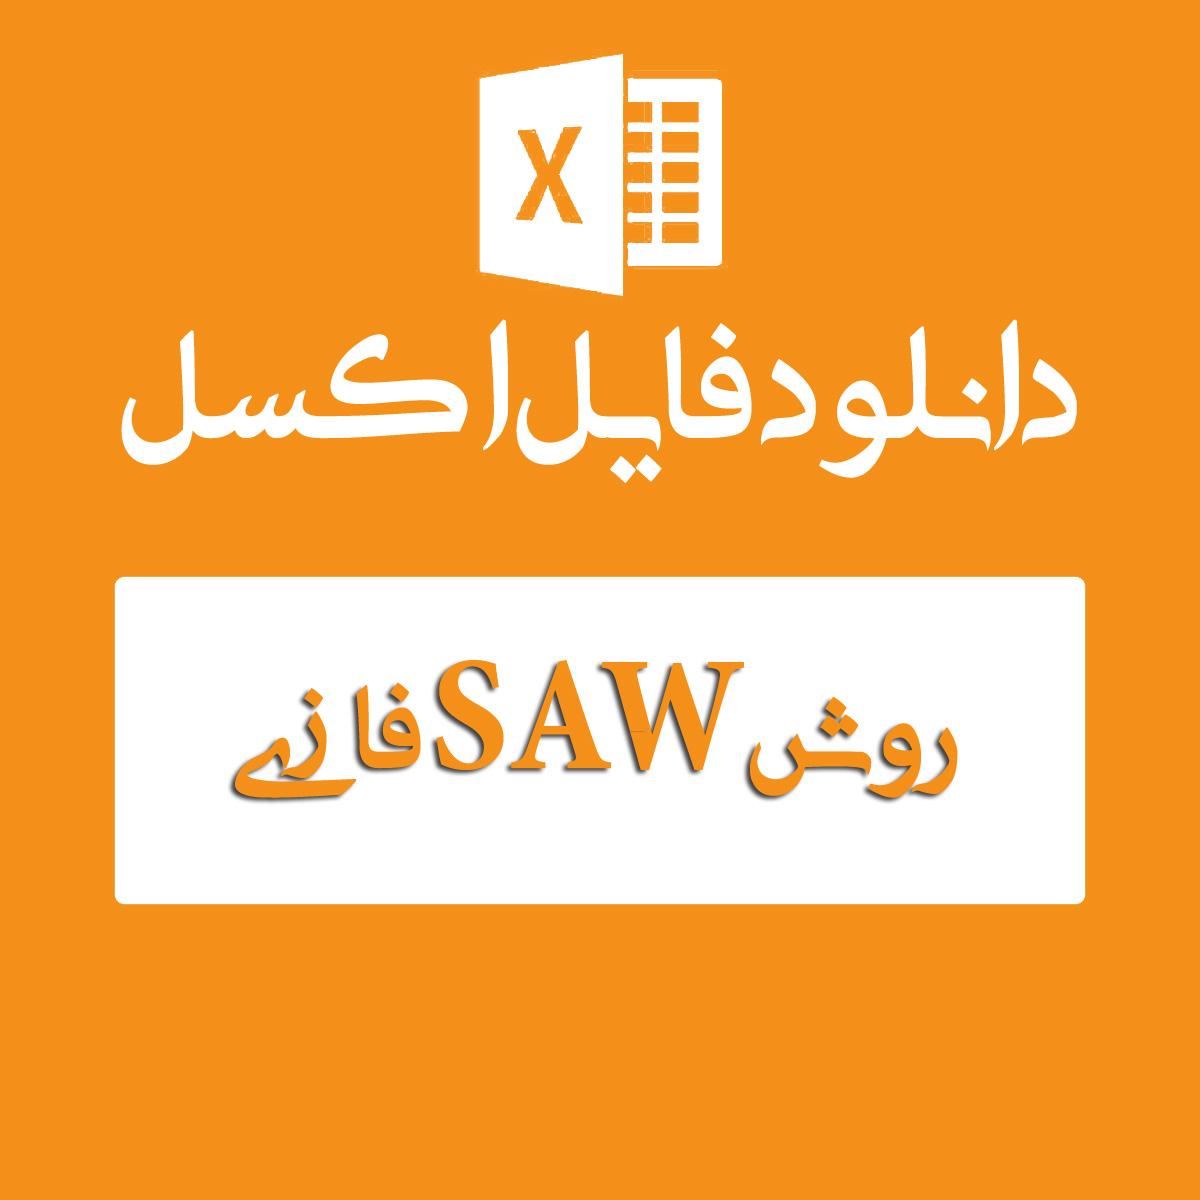 مثال روش SAW فازی